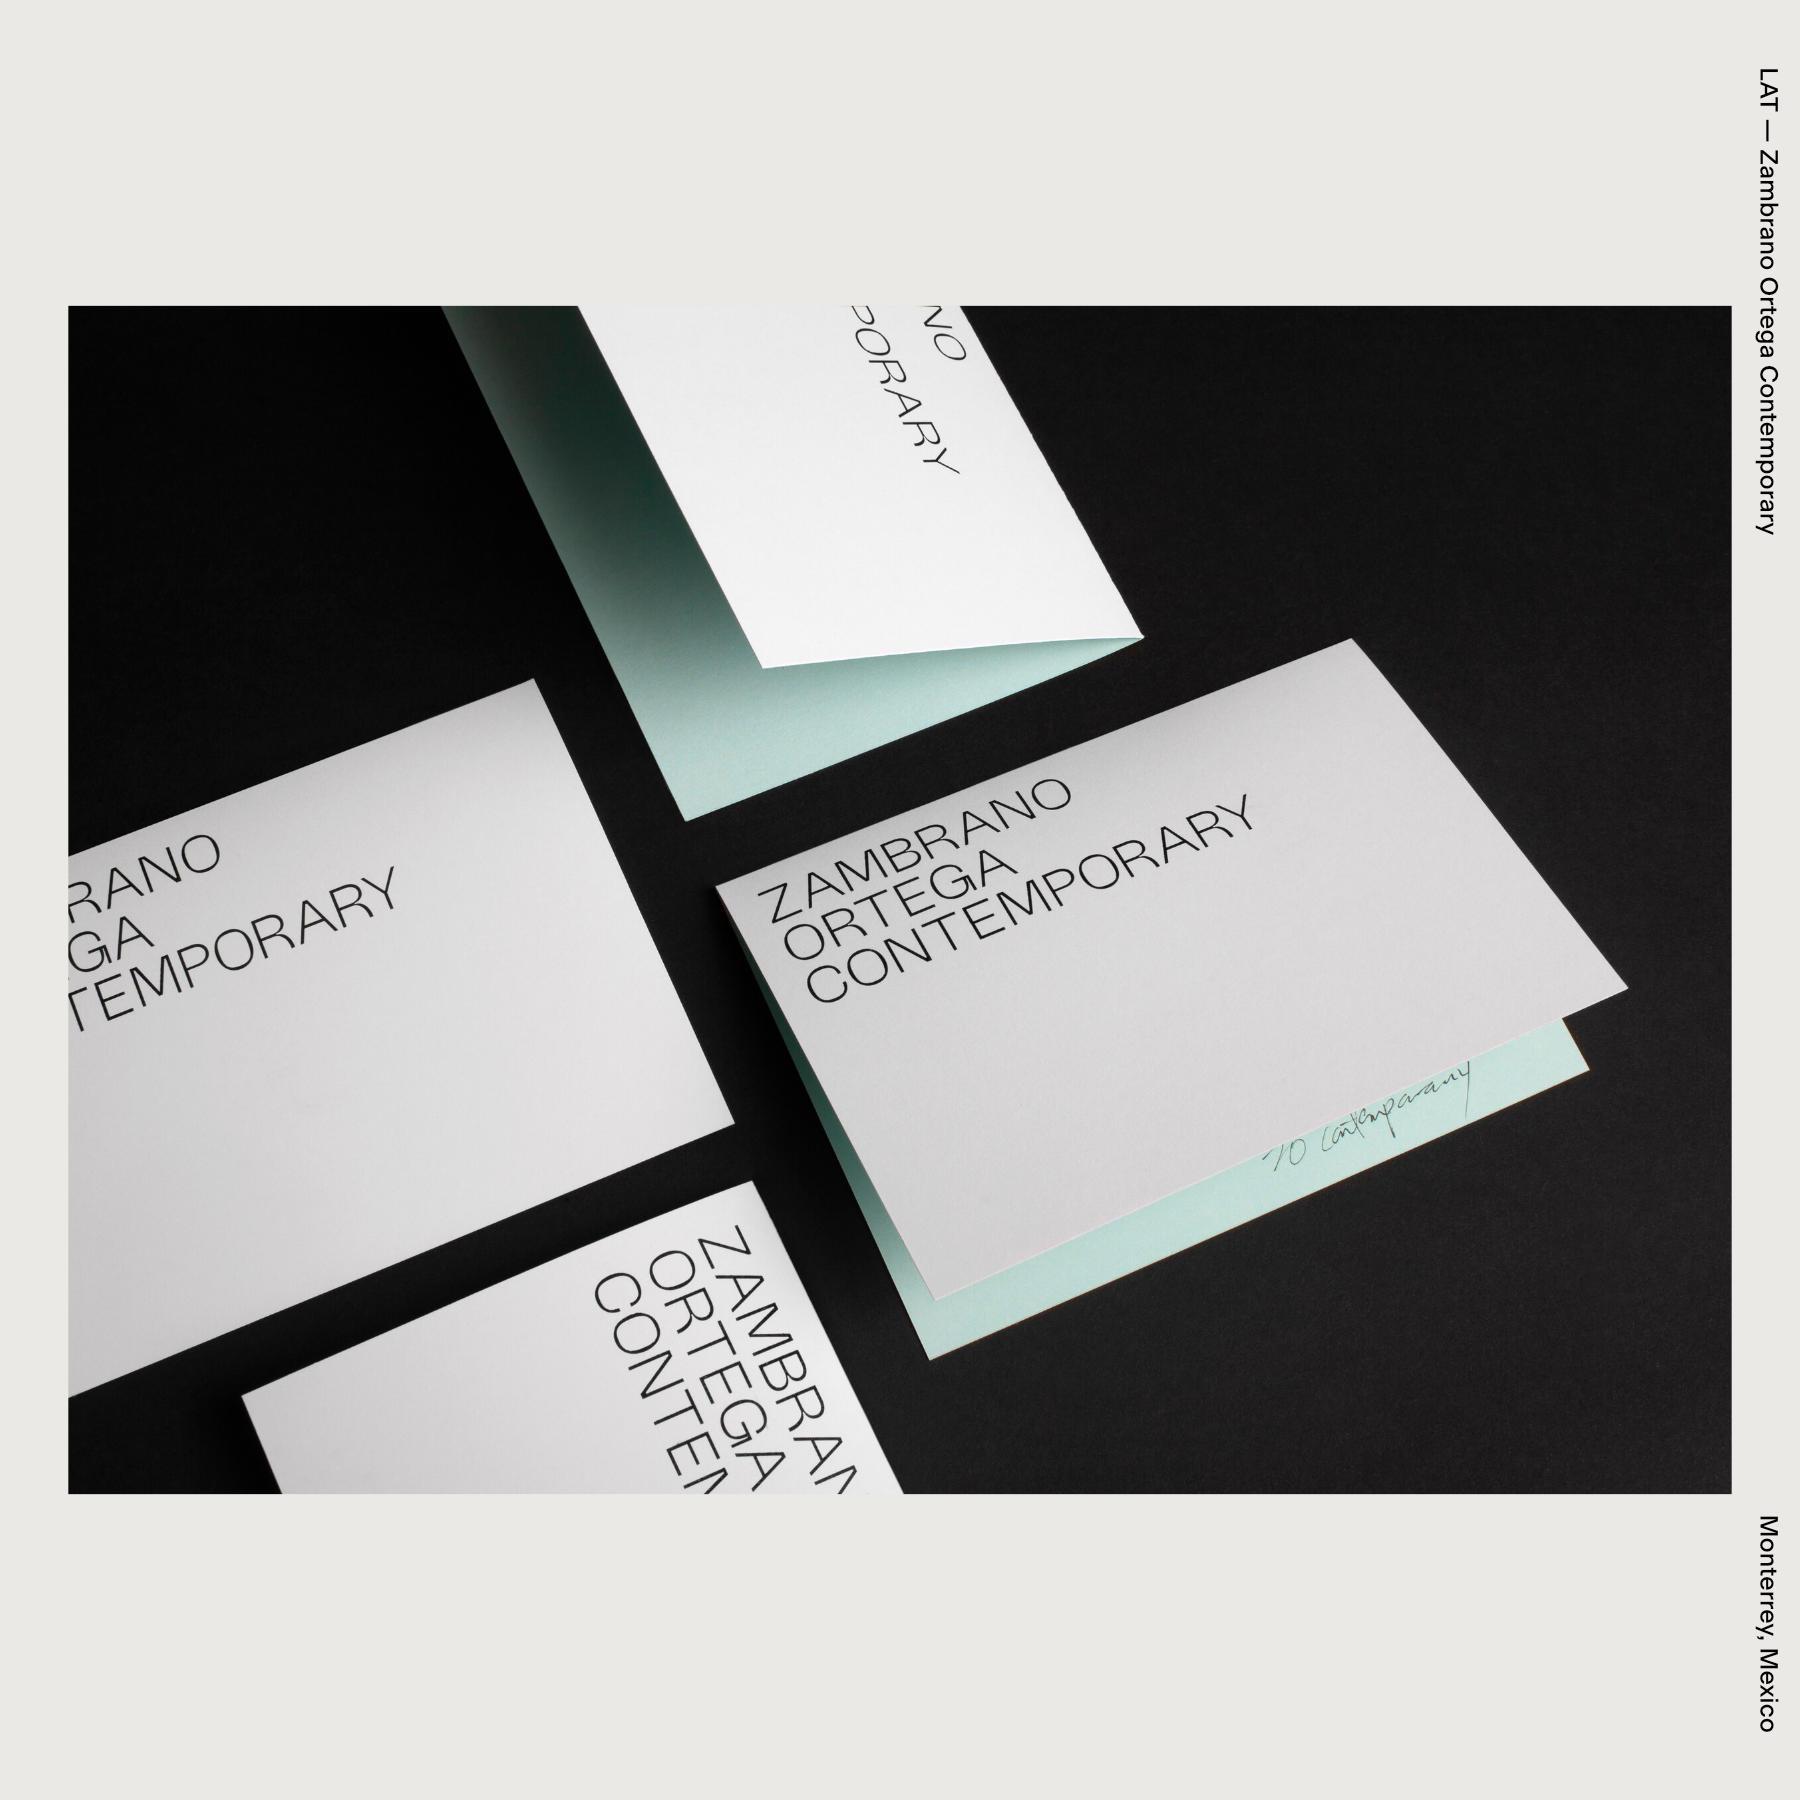 LAT — Zambrano Ortega Contemporary